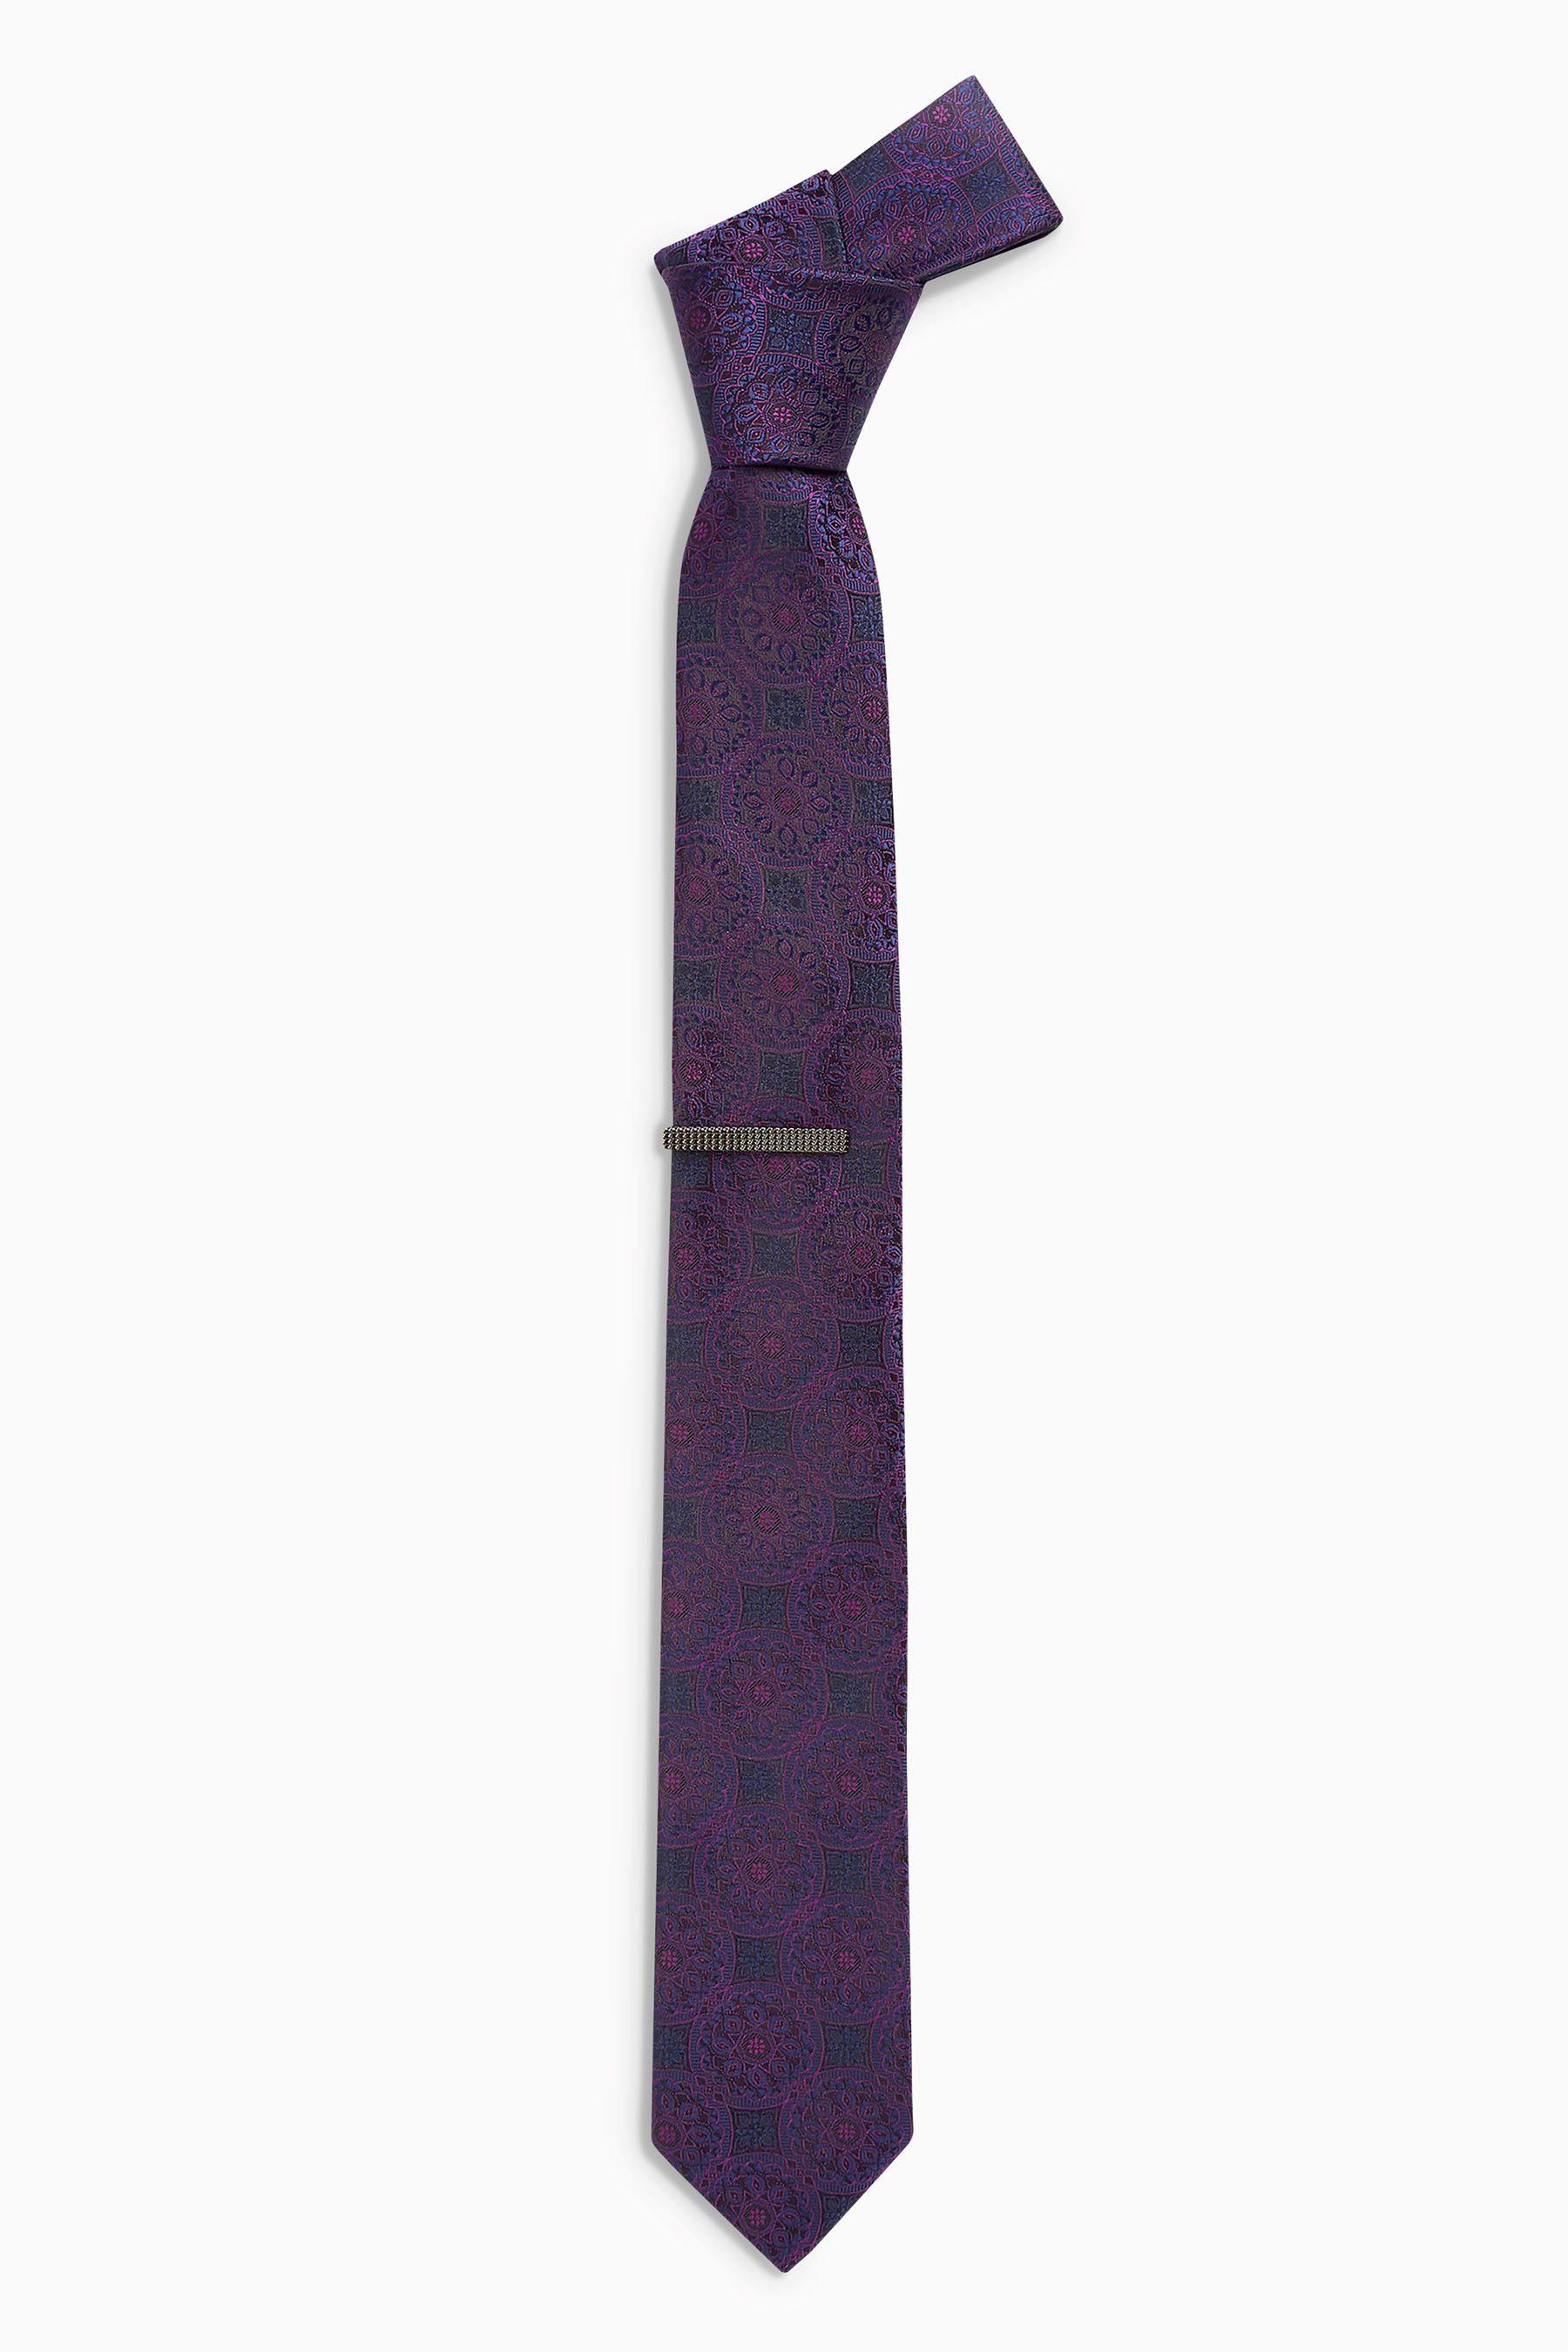 Next Krawatte mit Wappenmuster und Krawattenklammer 2 teilig